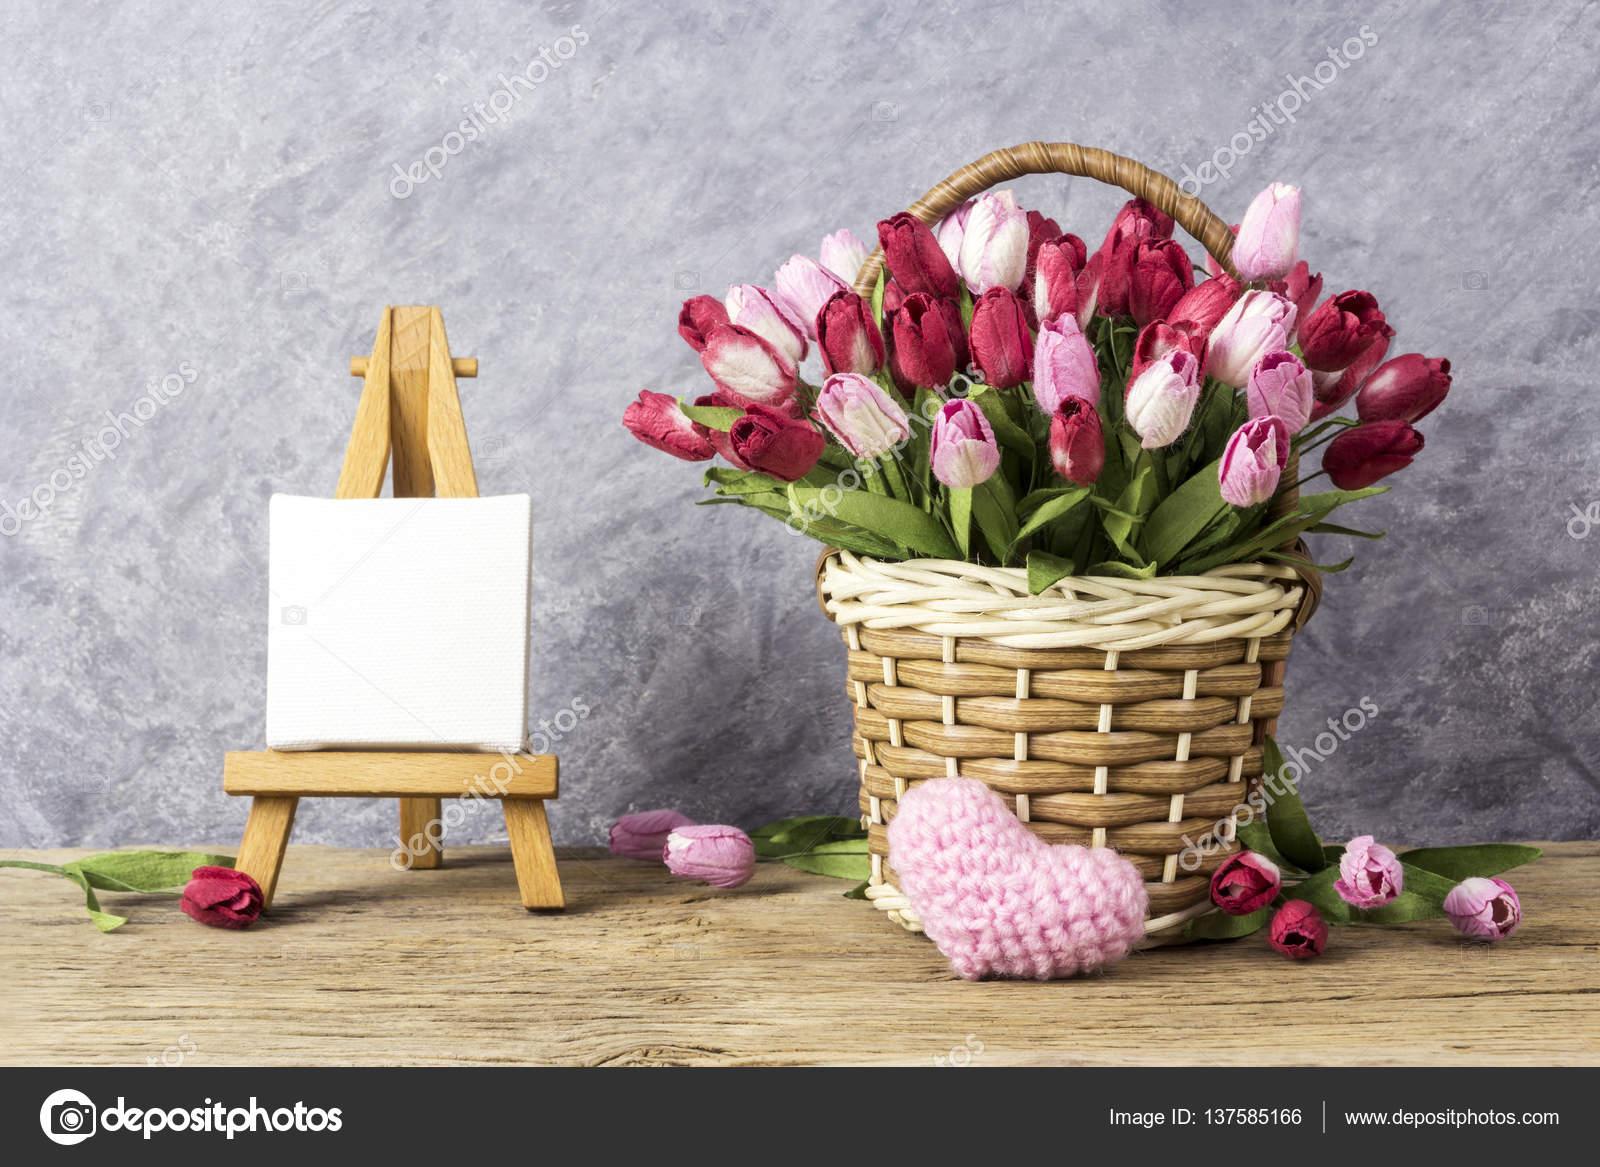 Lale çiçek Pembe Kalp Ve Sevgililer Günü Için Boyama Ve Düğün şövale